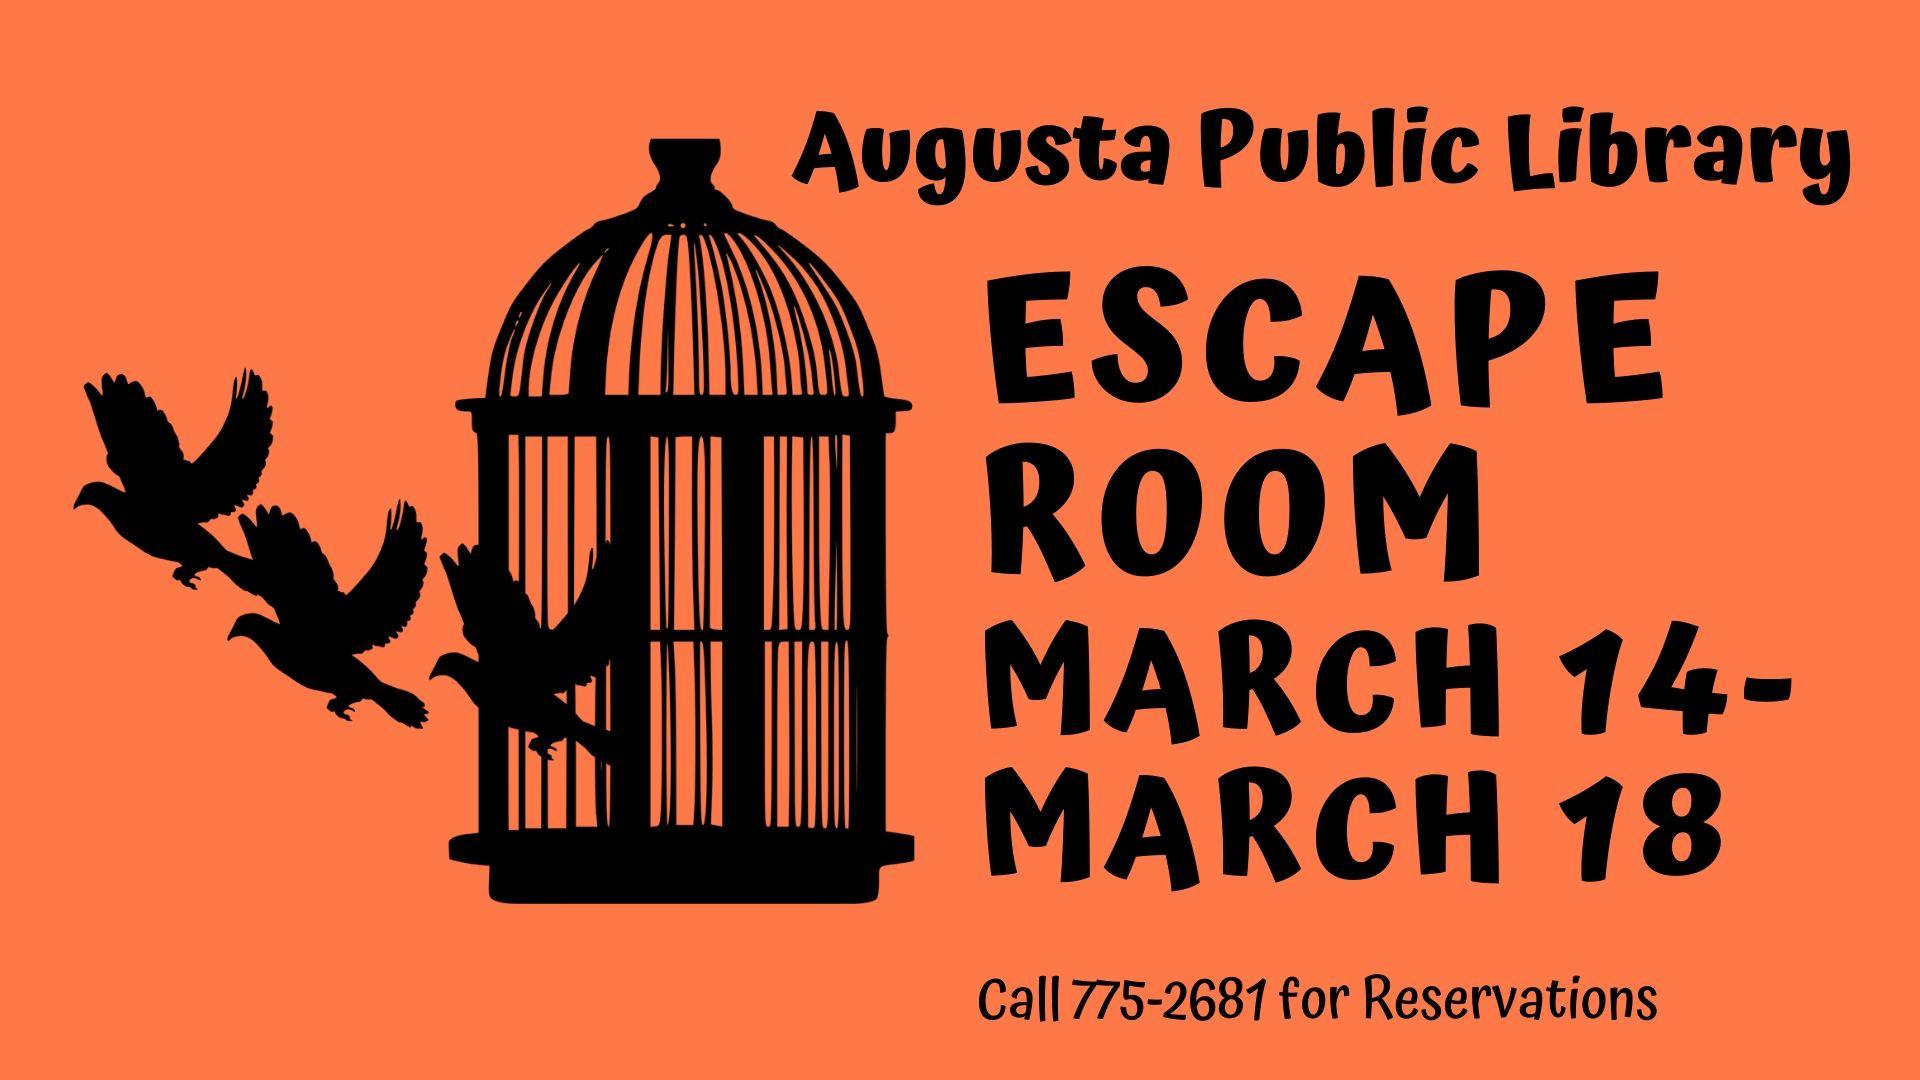 Escape Room - Augusta Public Library